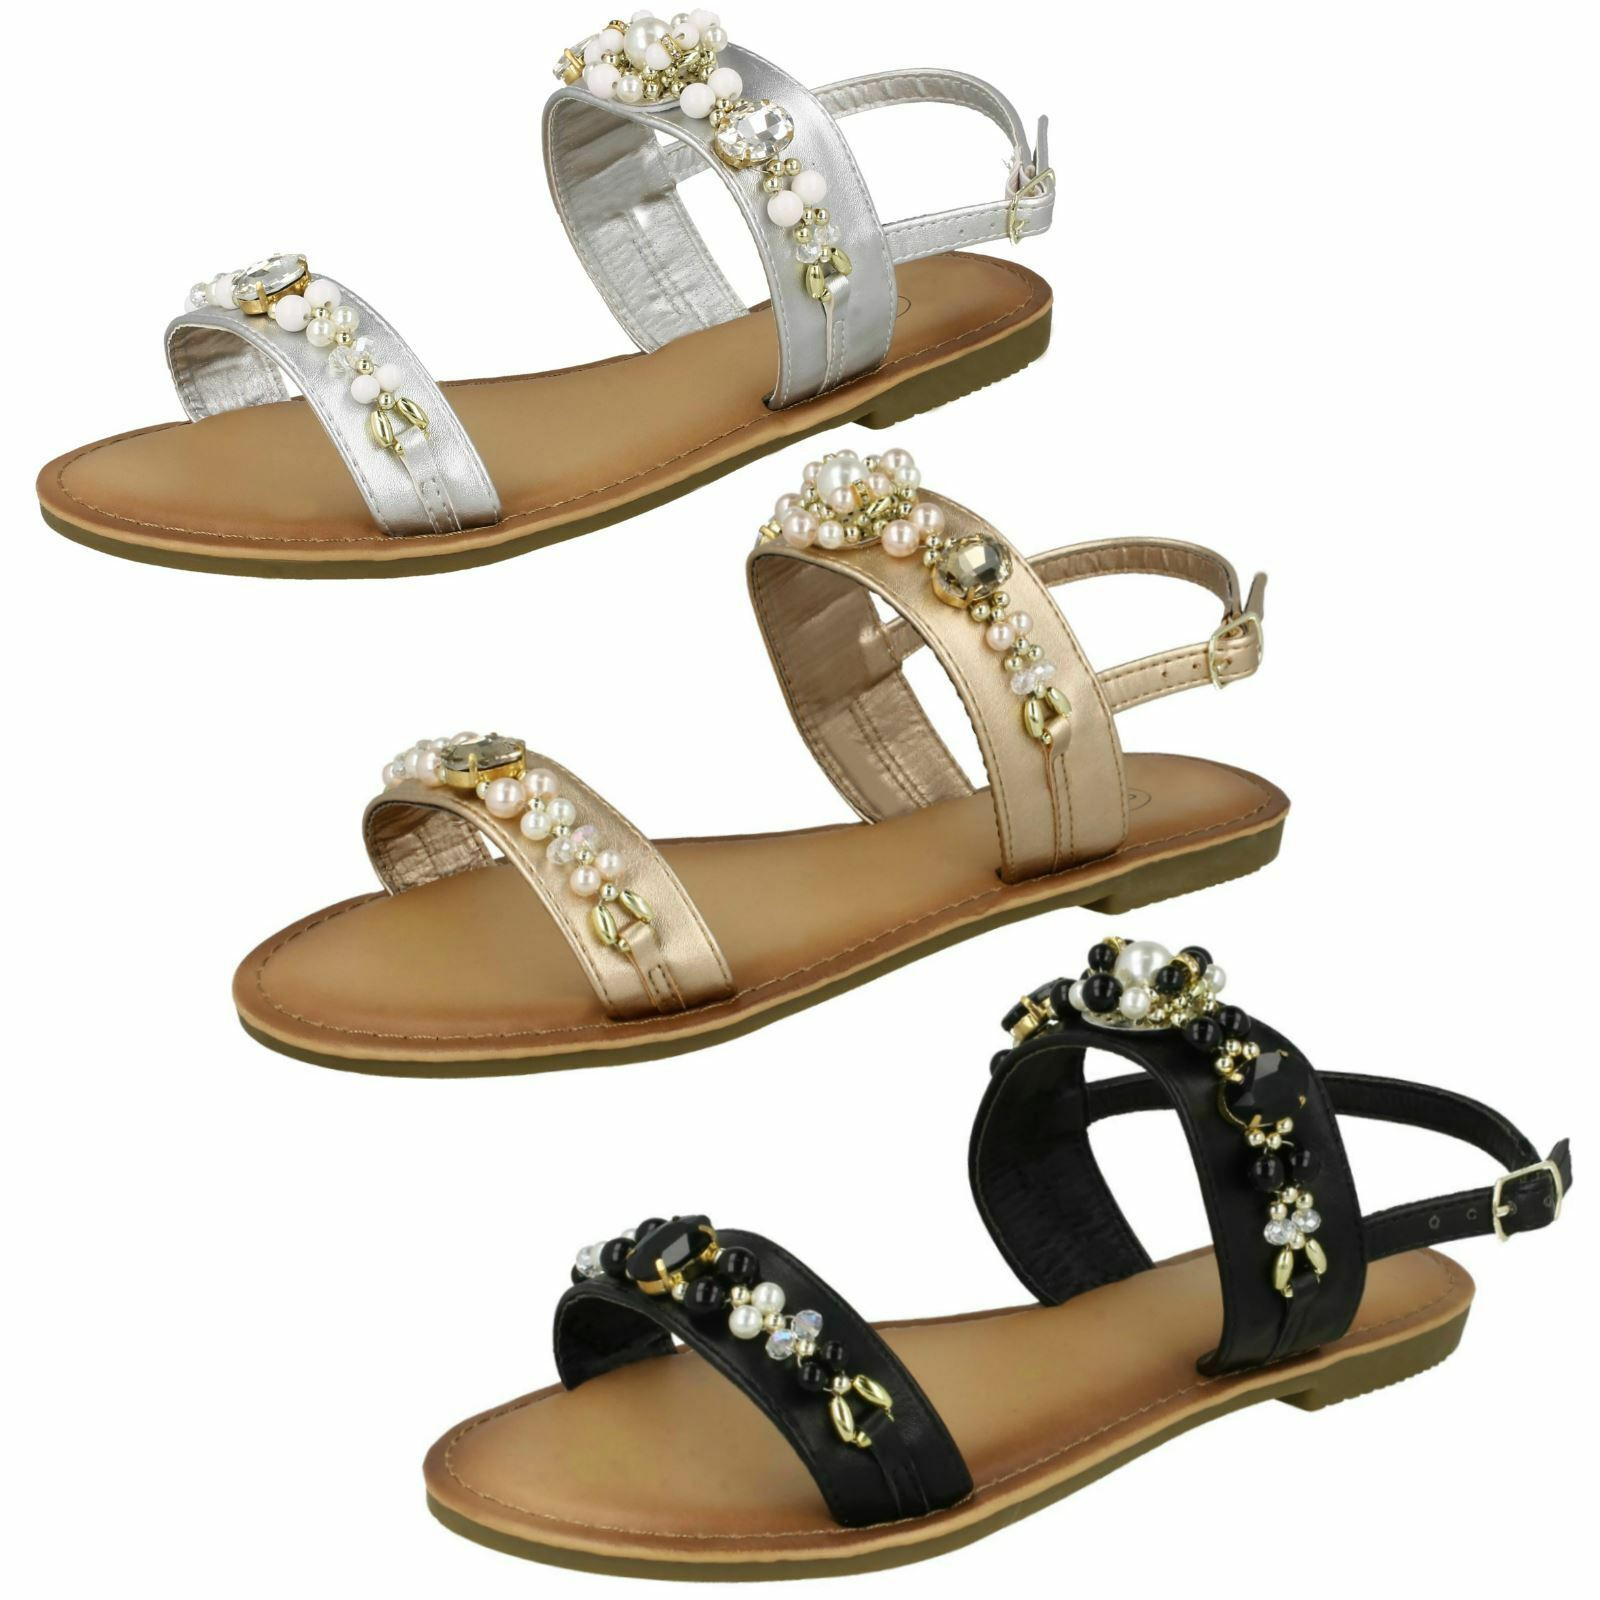 Spot Jewelled On Jewelled Spot Pearl Ladies Slingback Sandals 5080c9